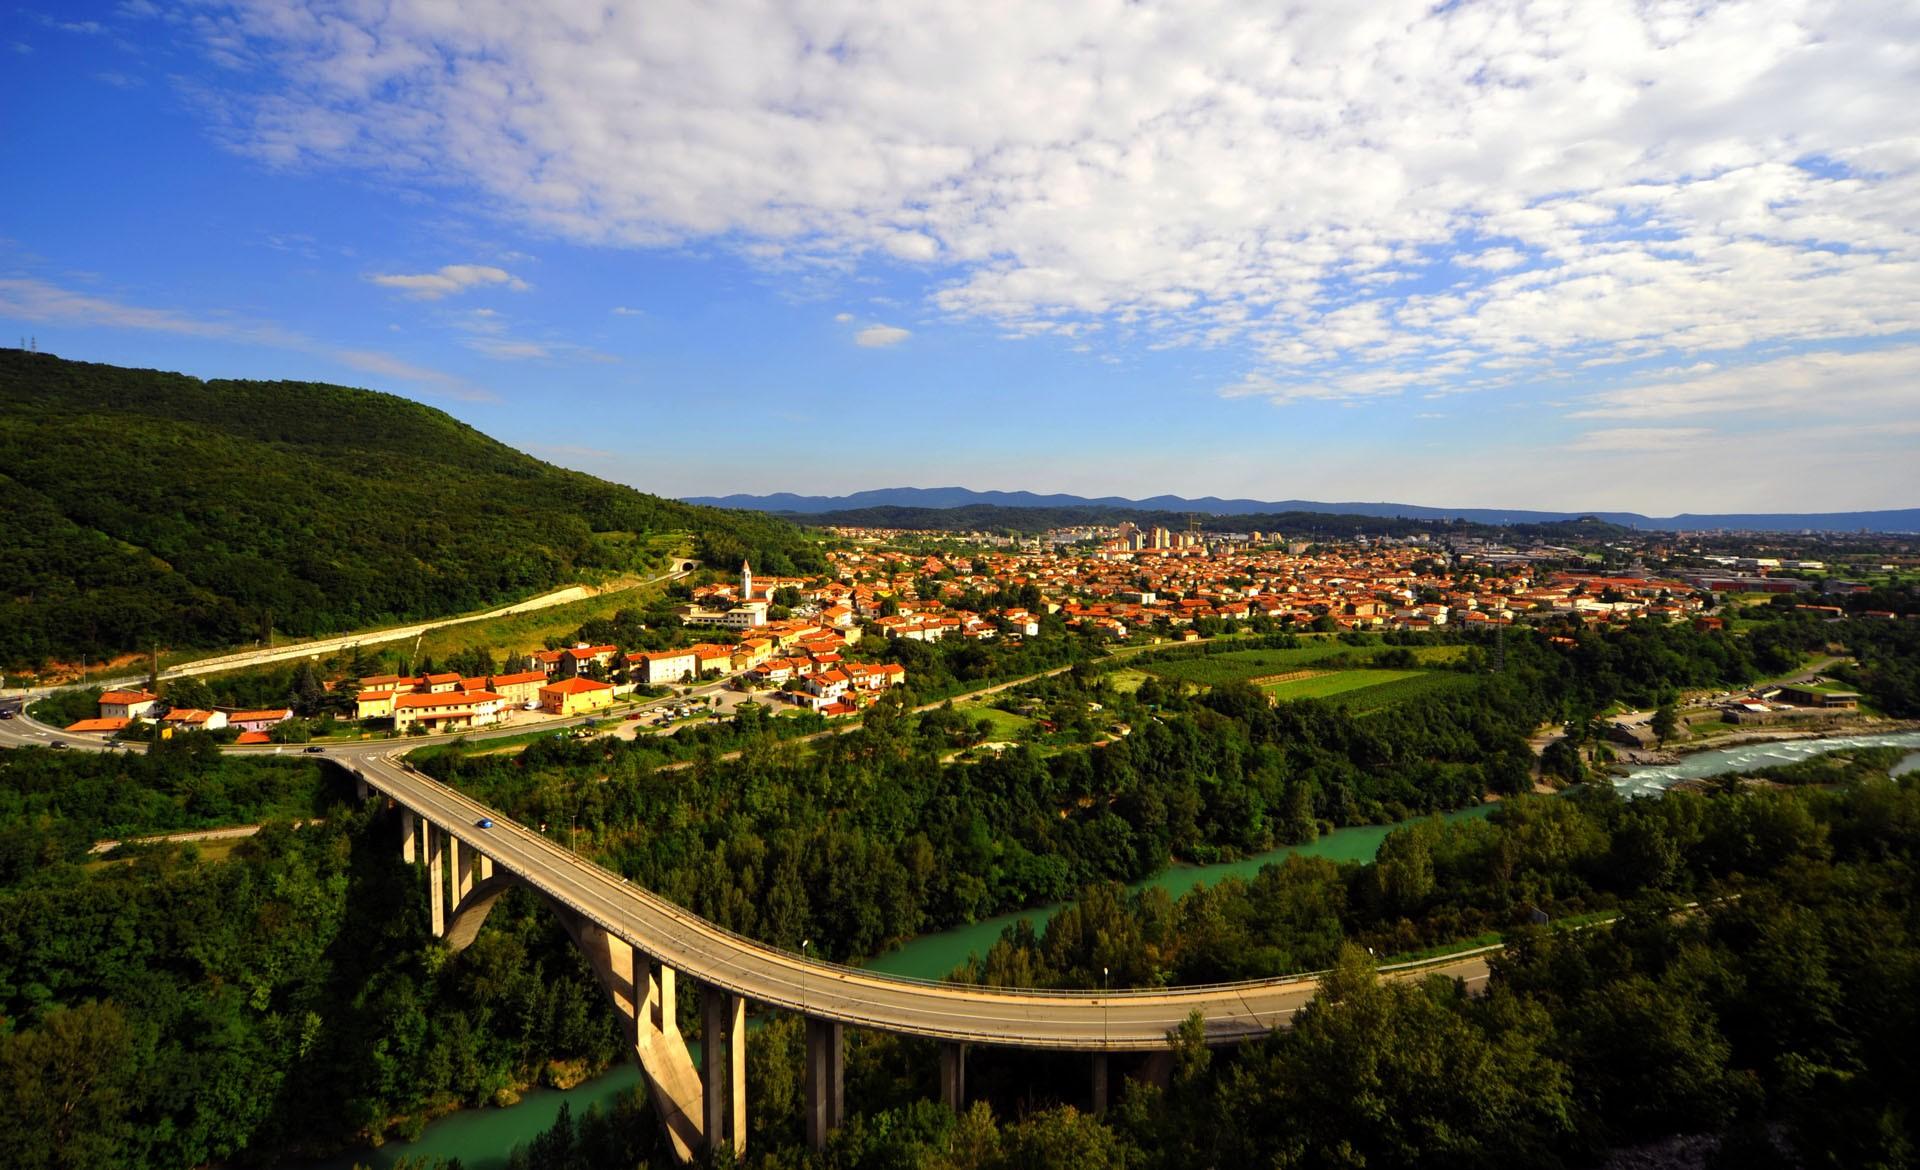 La città di Nova Gorica